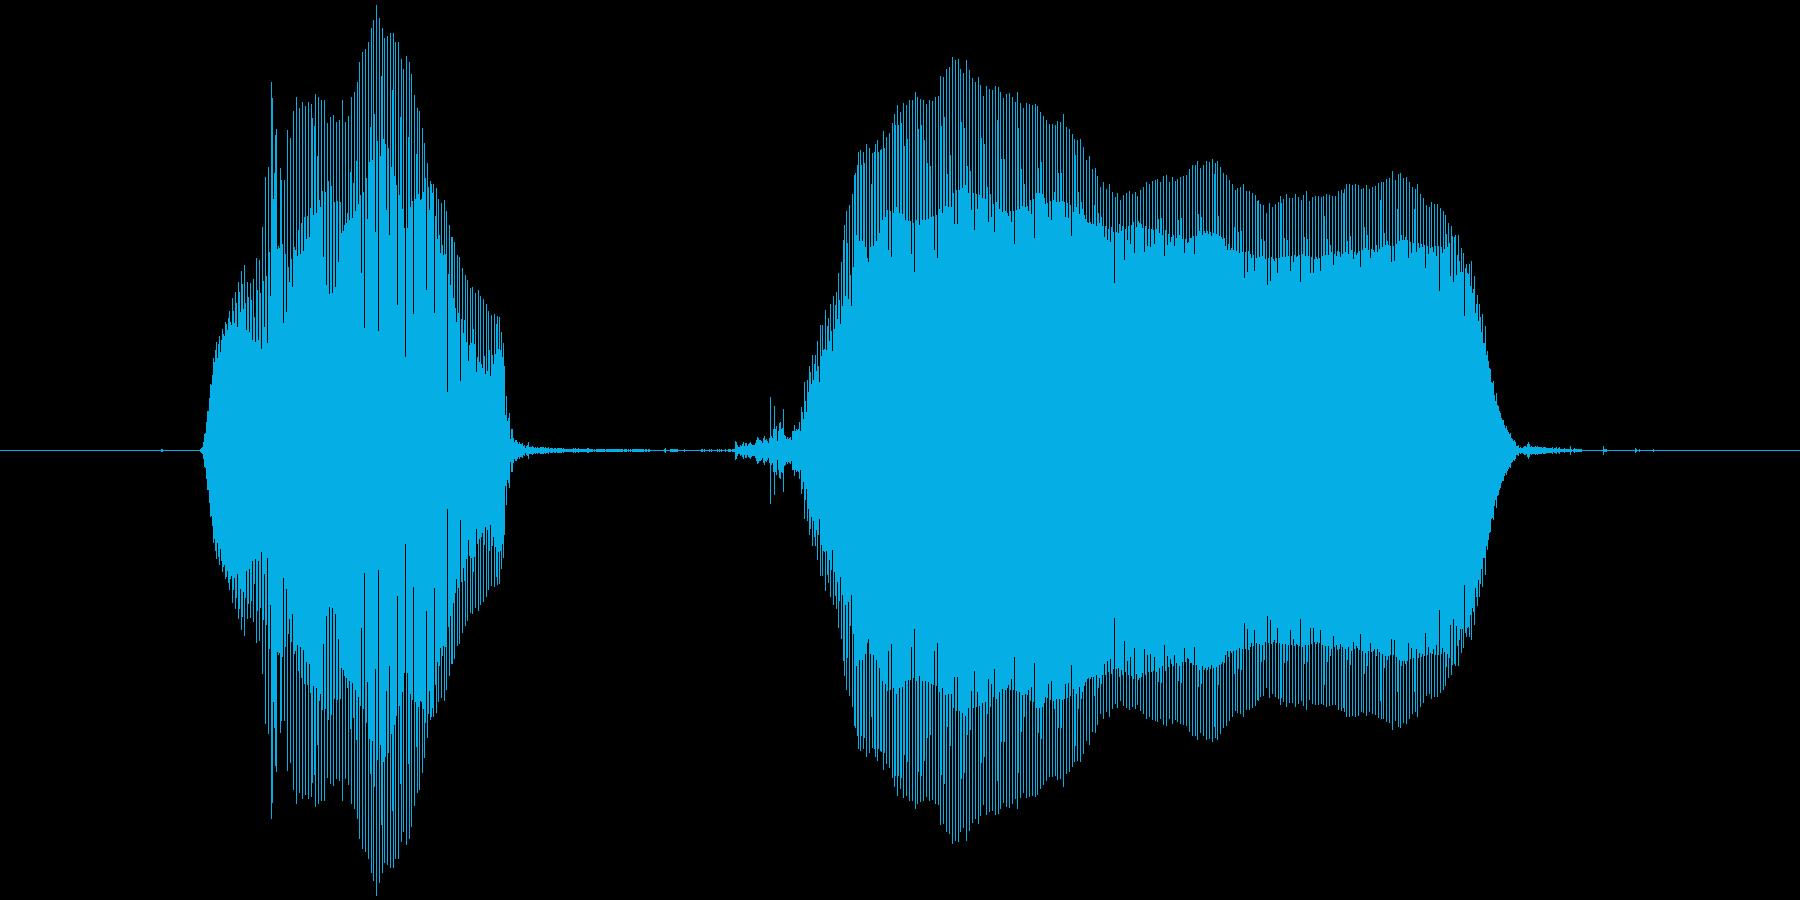 らっきー!の再生済みの波形